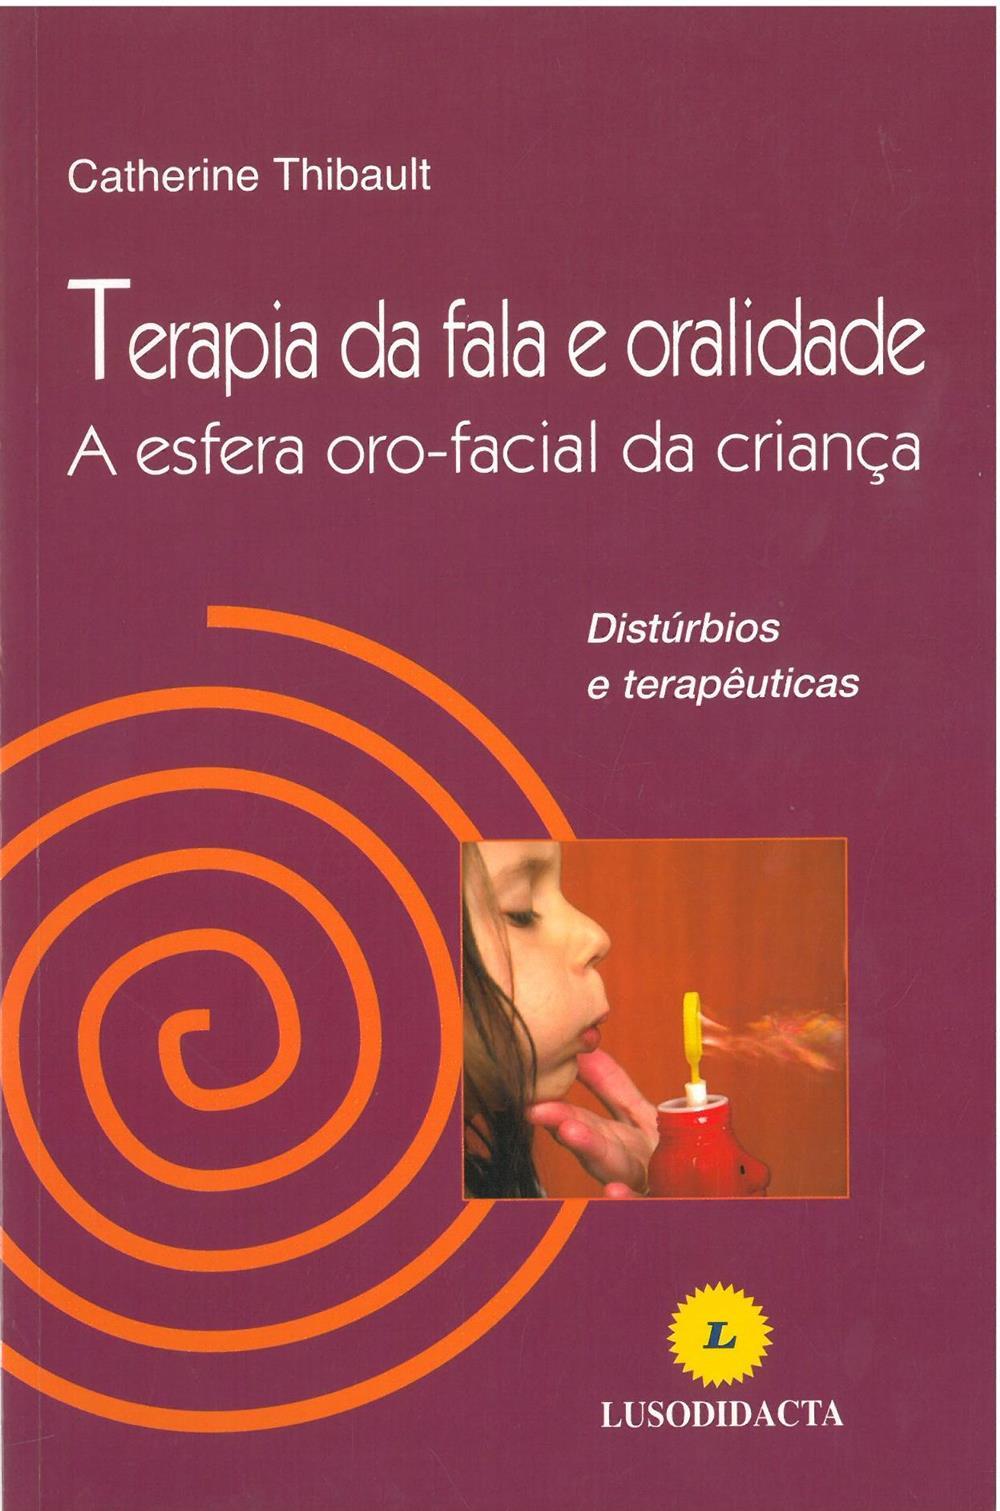 Terapia da fala e oralidade_.jpg